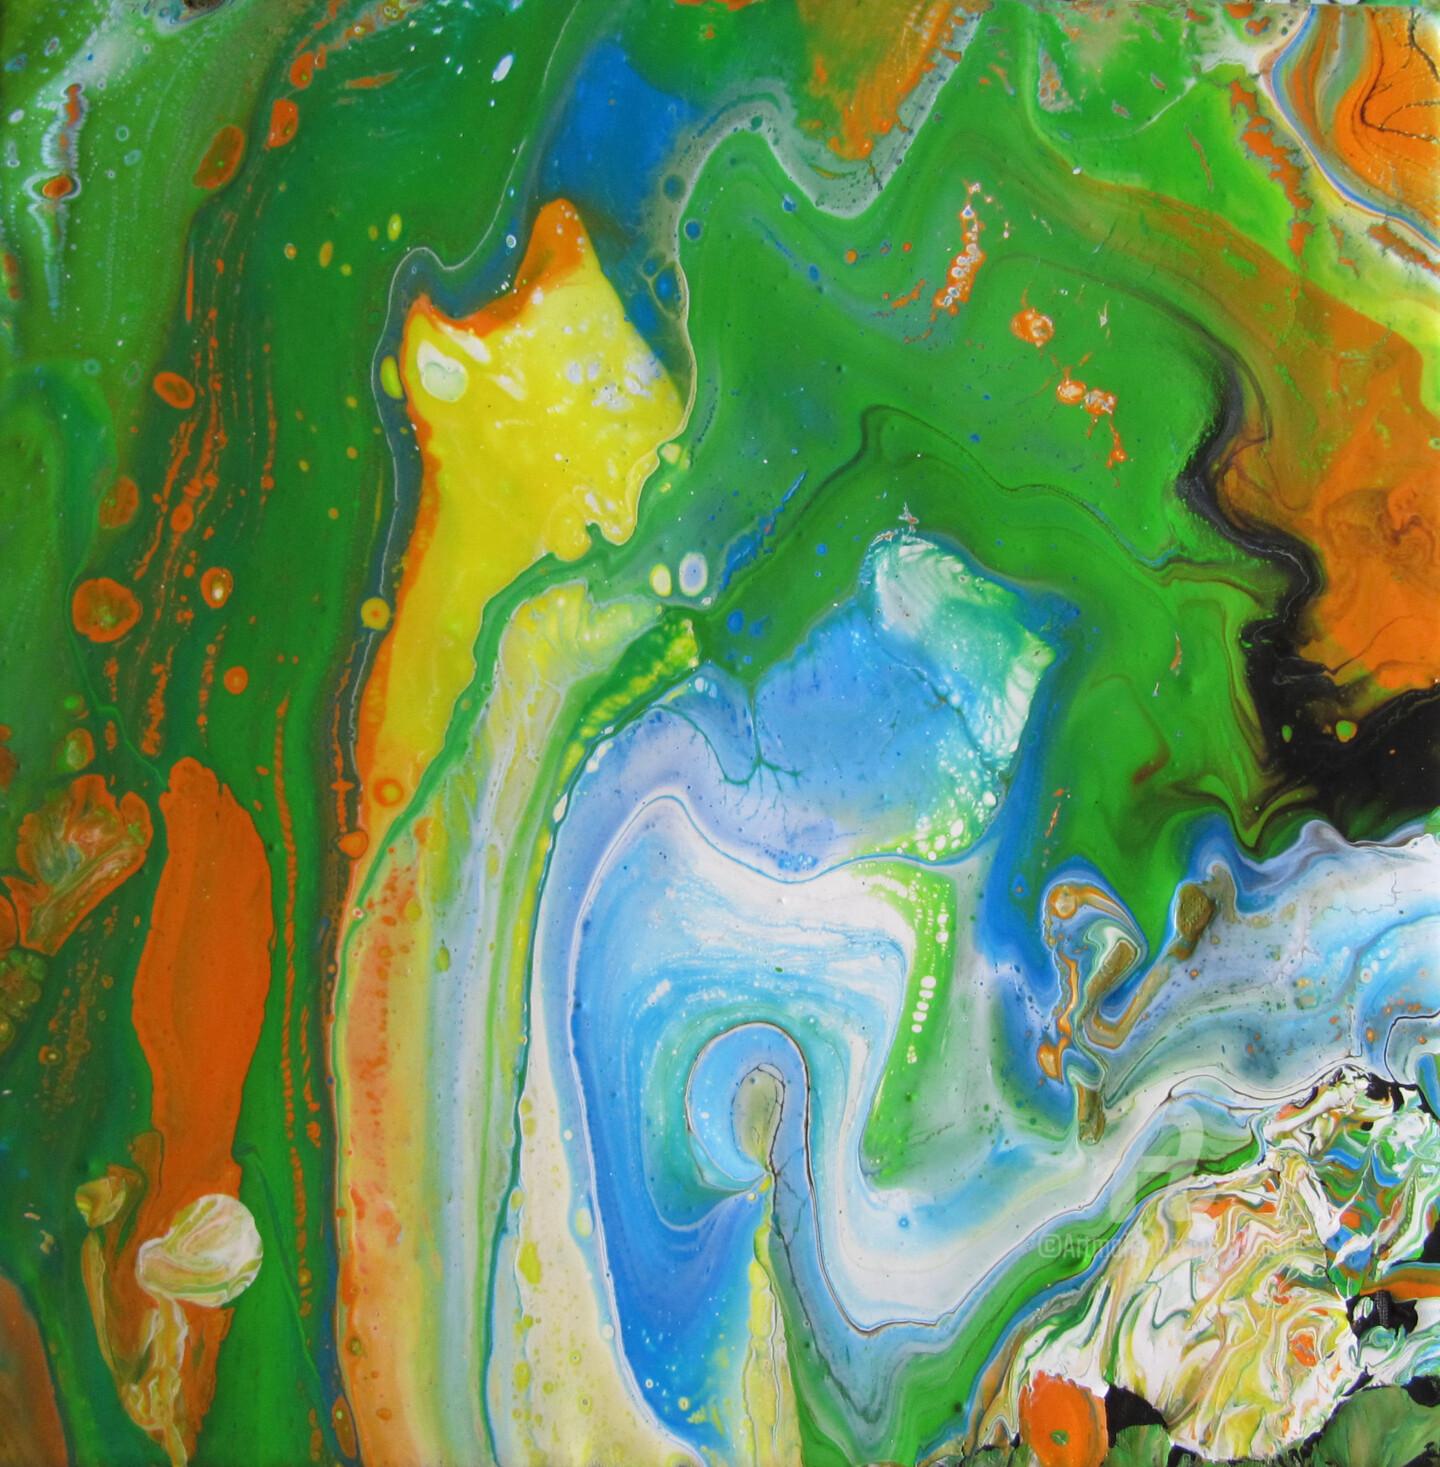 Claudette Allosio - Jeu de formes et couleurs1.jpg